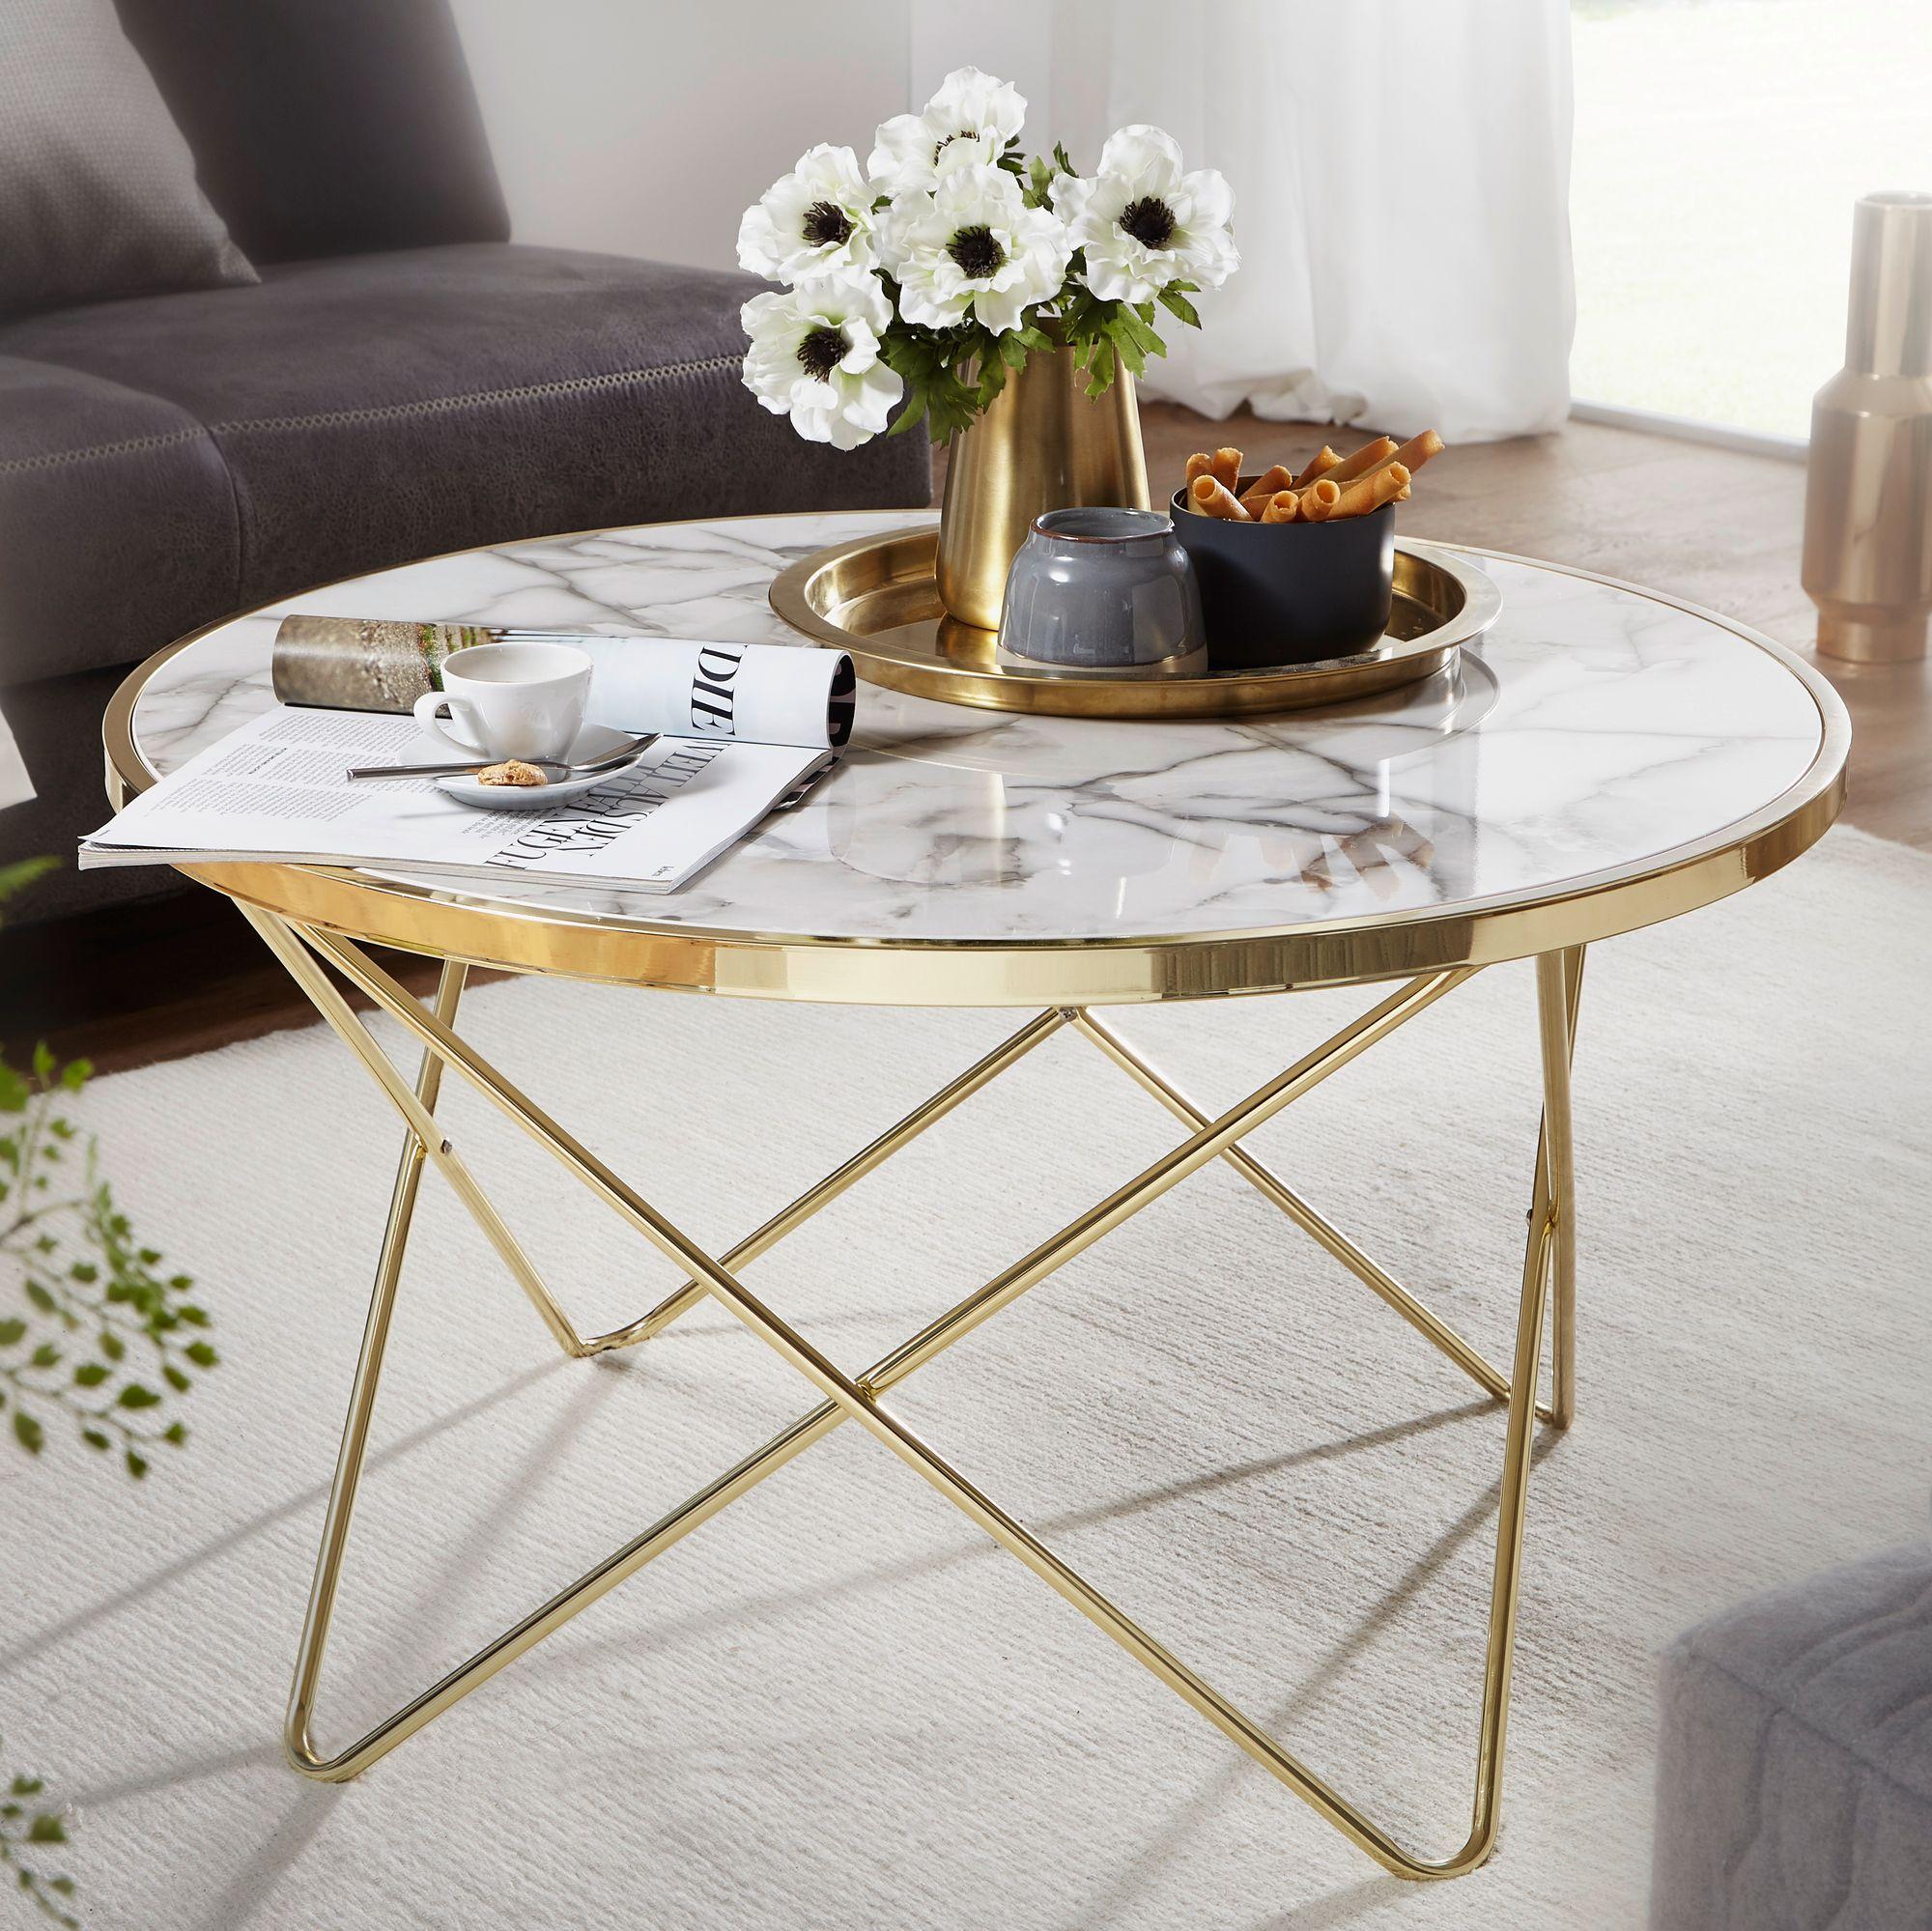 WOHNLING Design Couchtisch Marmor Optik Weiß Ø 85 cm Gold Wohnzimmertisch  Rund